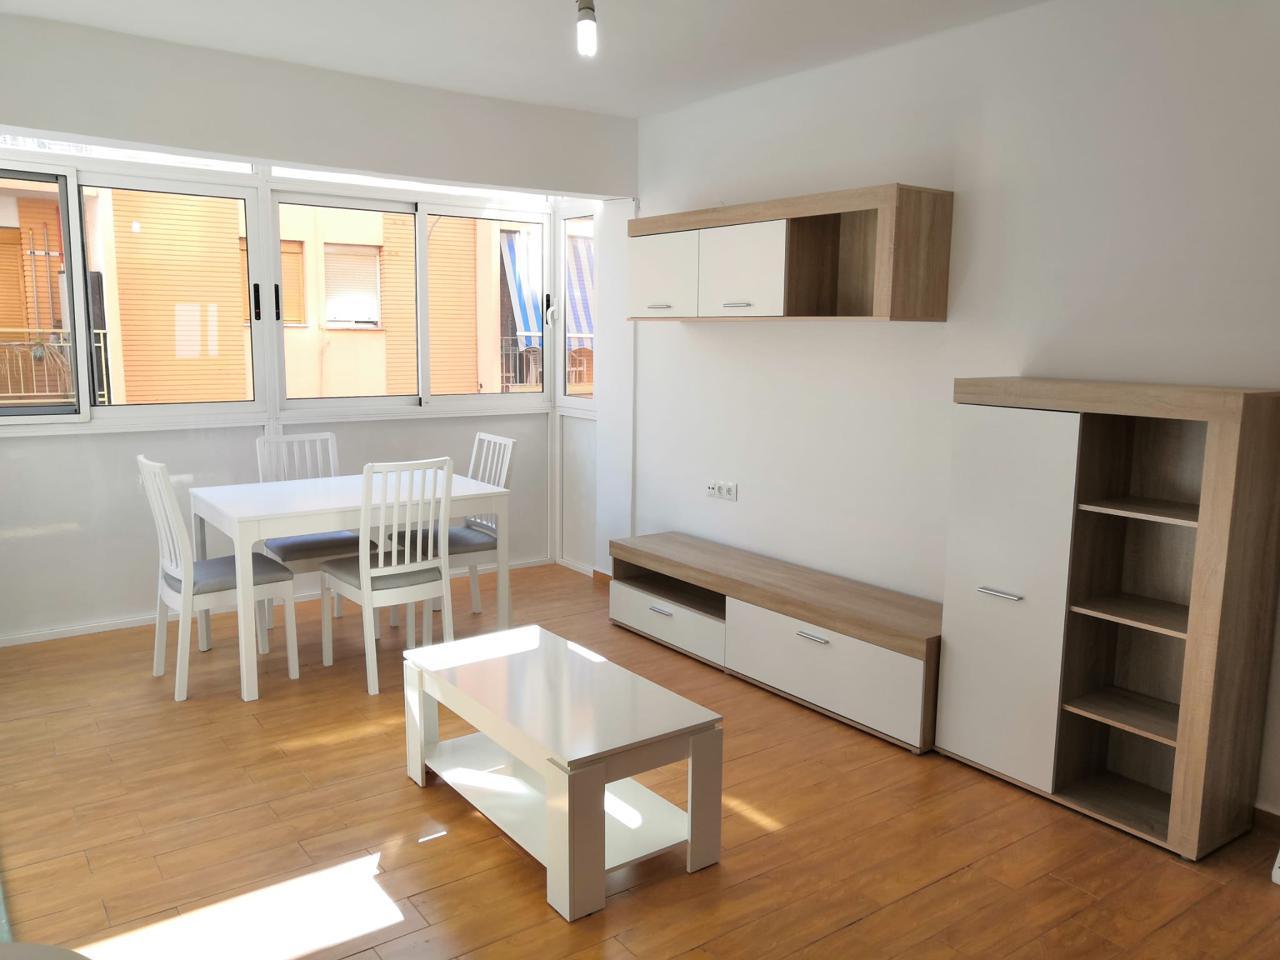 Location Appartement à El Paraíso-Los Almendros. Habitab alquila estupendo  piso  en casco urbano, la vivienda cu